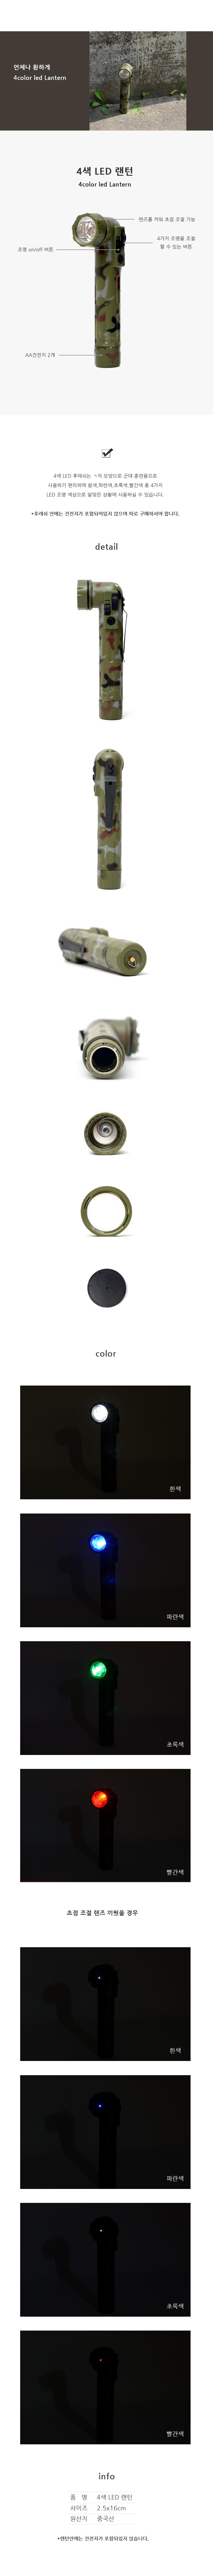 기역자 LED 4색 후레쉬 - 쿠닌, 17,500원, 랜턴/라이트, 랜턴/손전등